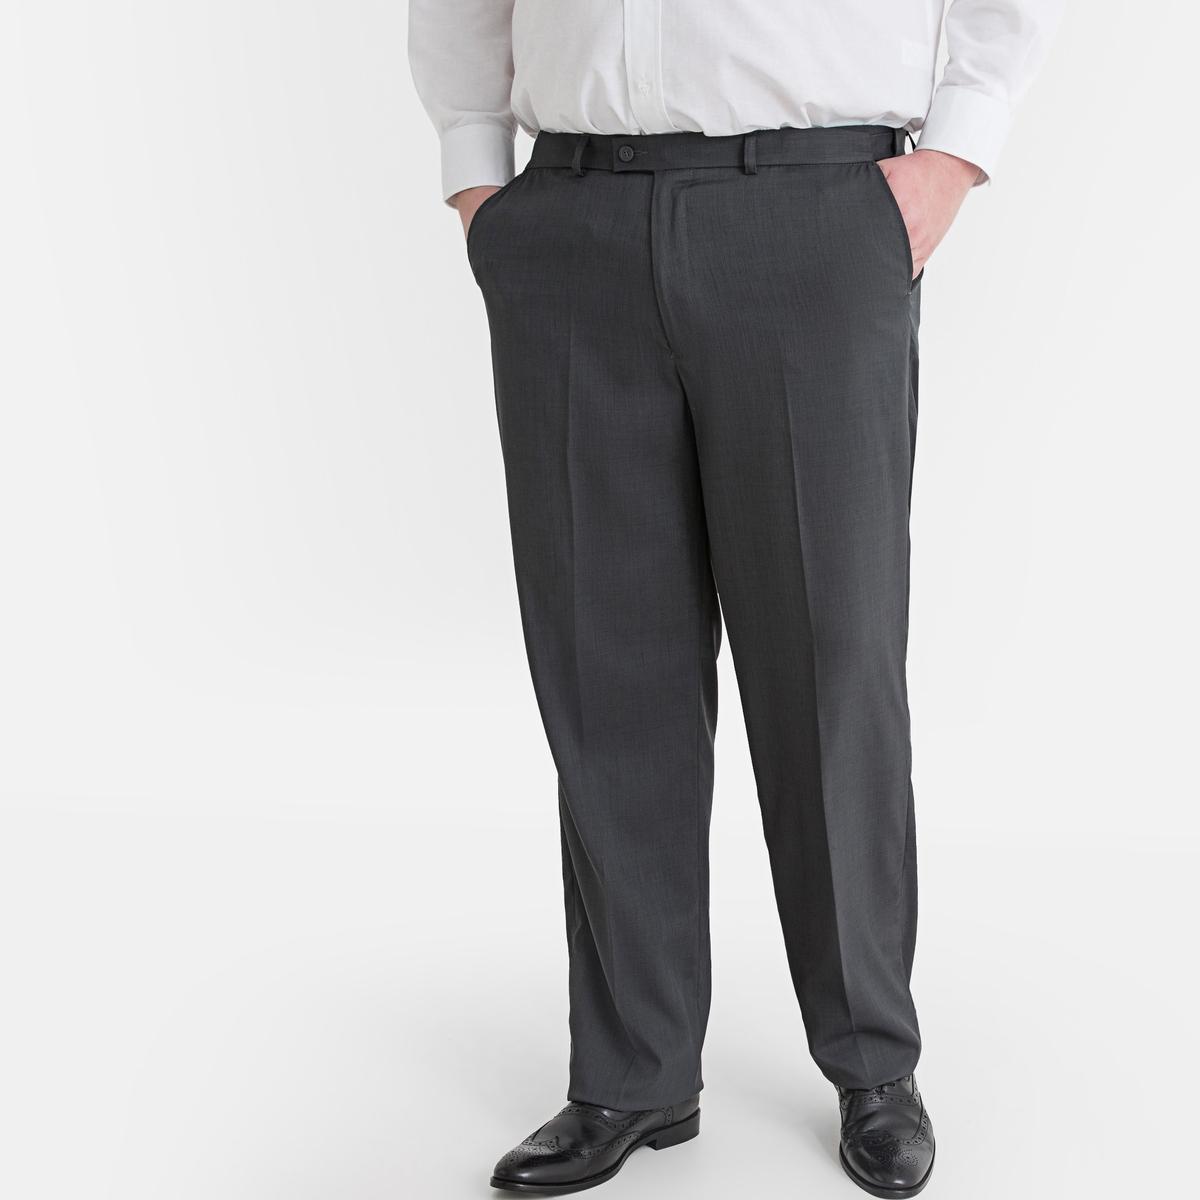 Фото - Брюки LaRedoute Регулируемые прямого покроя 62 серый юбка laredoute джинсовая прямого покроя xs синий